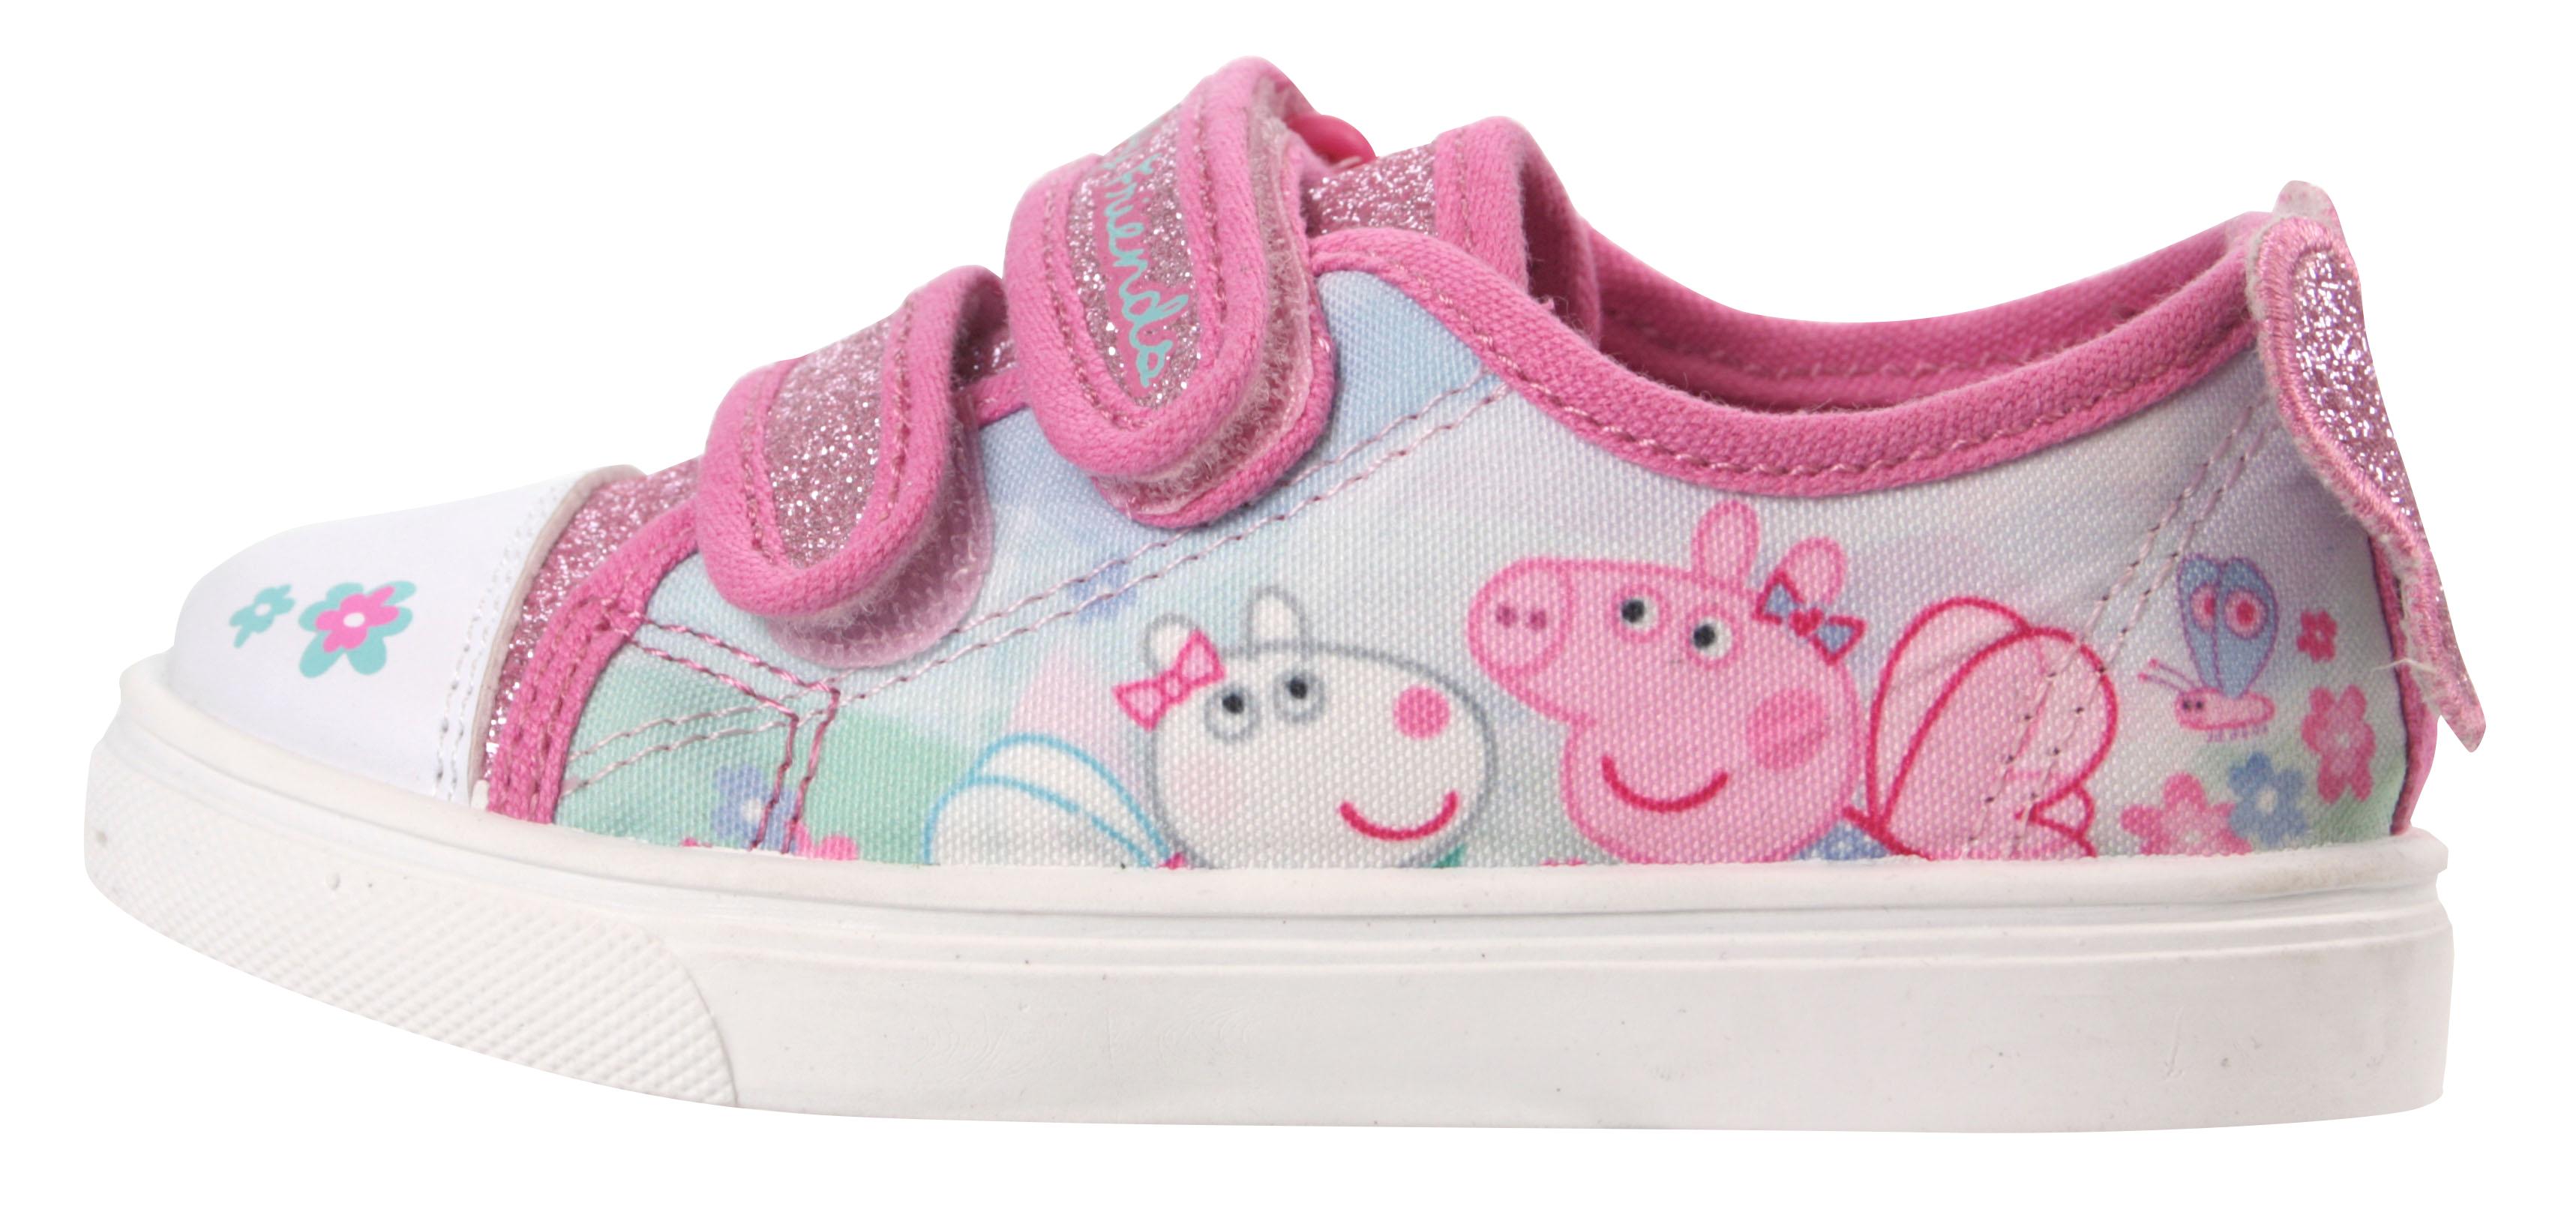 Details zu Peppa Pig Mädchen Glitzer Pink Niedriges Top Freizeitschuhe UK Größen Kind 5 10